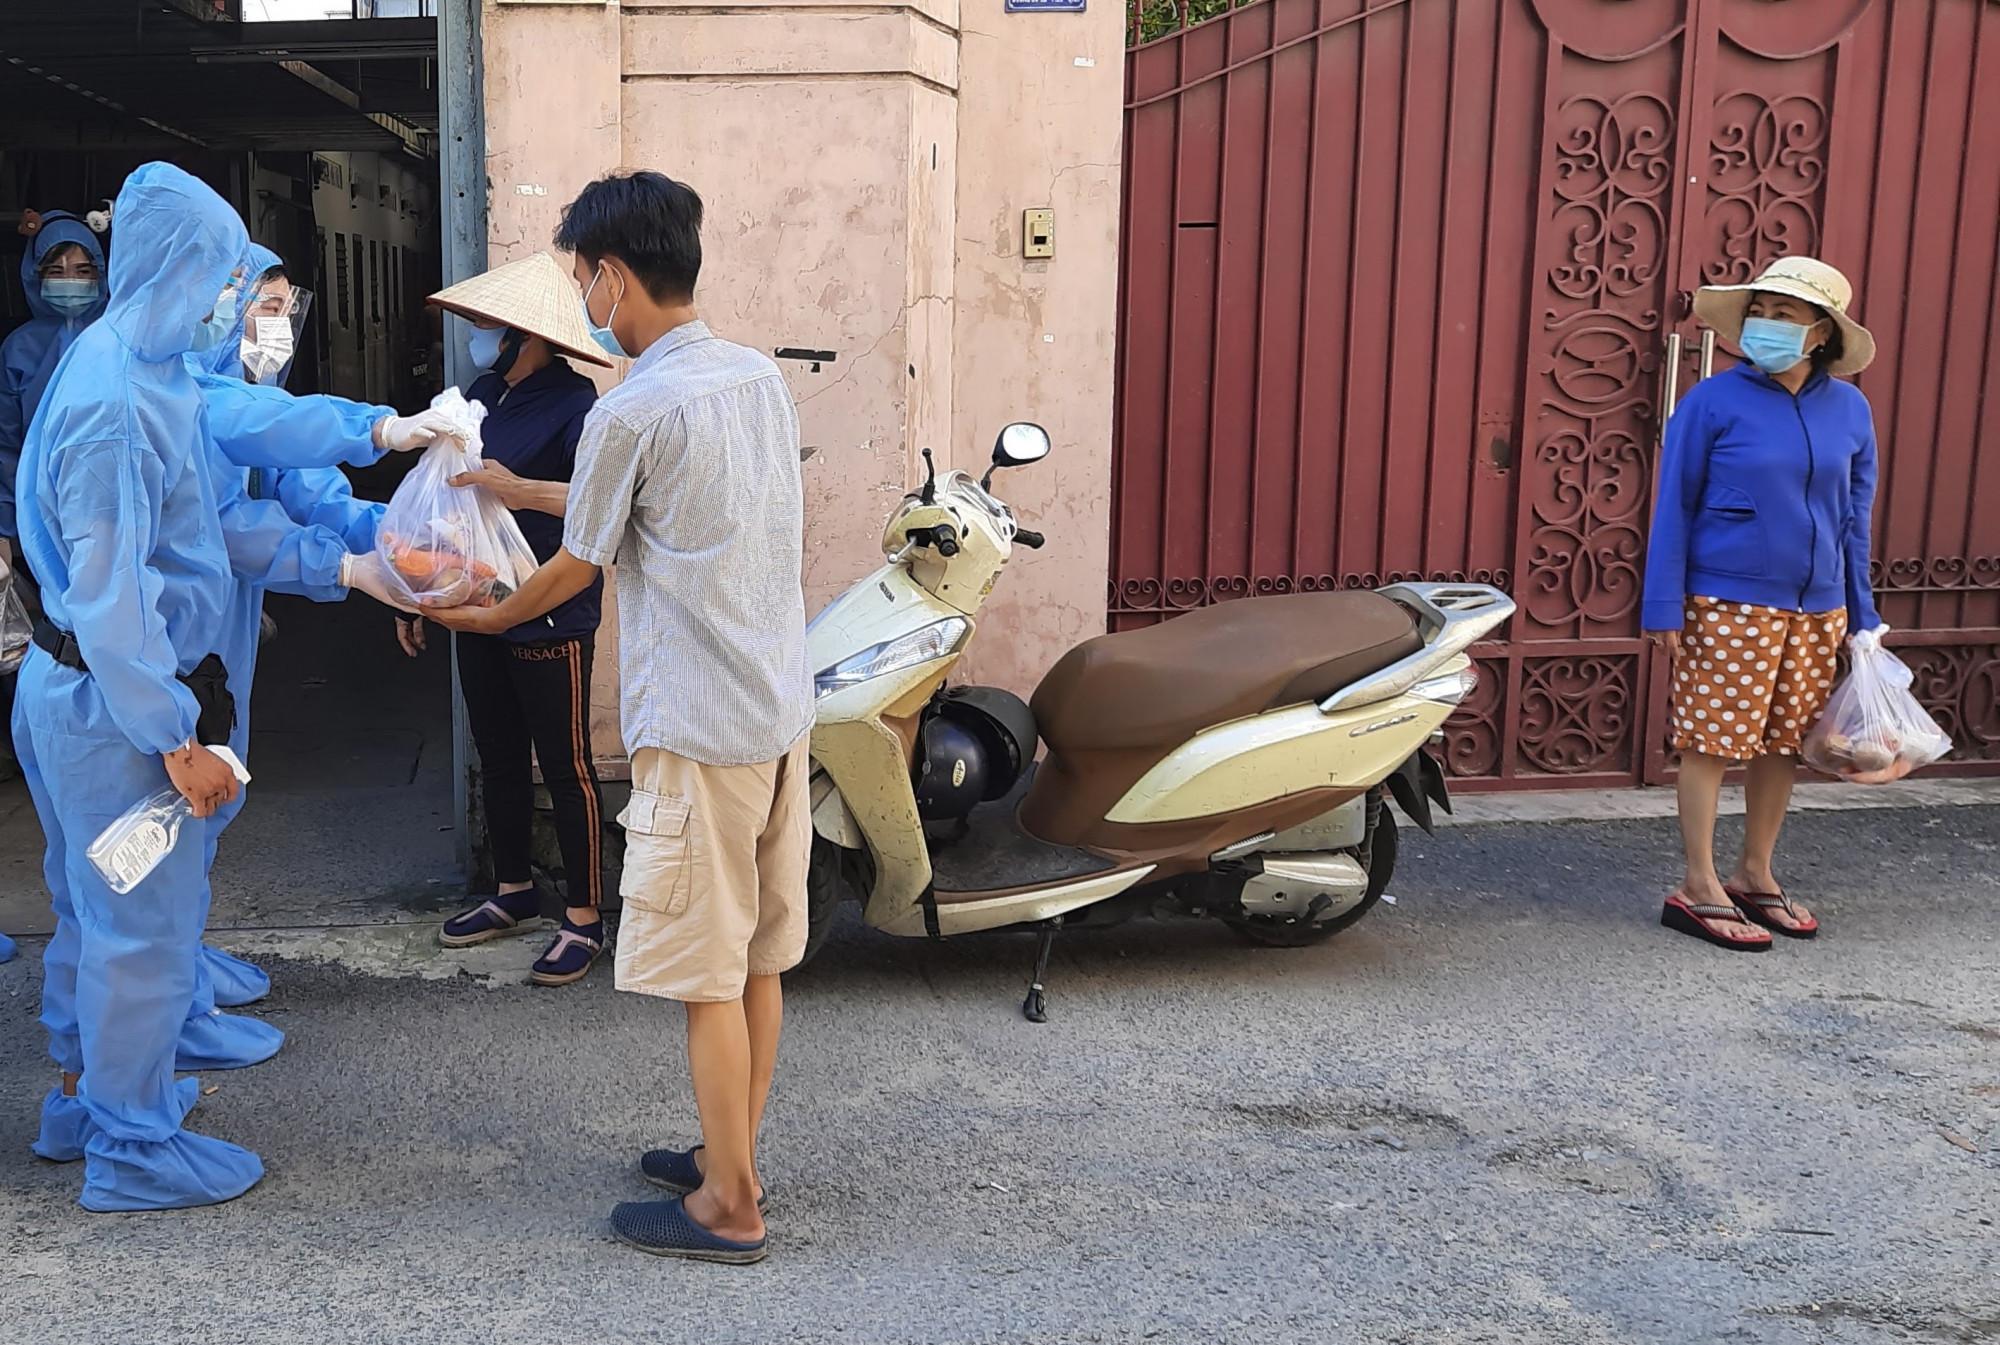 Đội trao quà được trang bị bảo hộ để đến với những hoàn cảnh khó khăn tại Gò Vấp trước ngày giãn cách